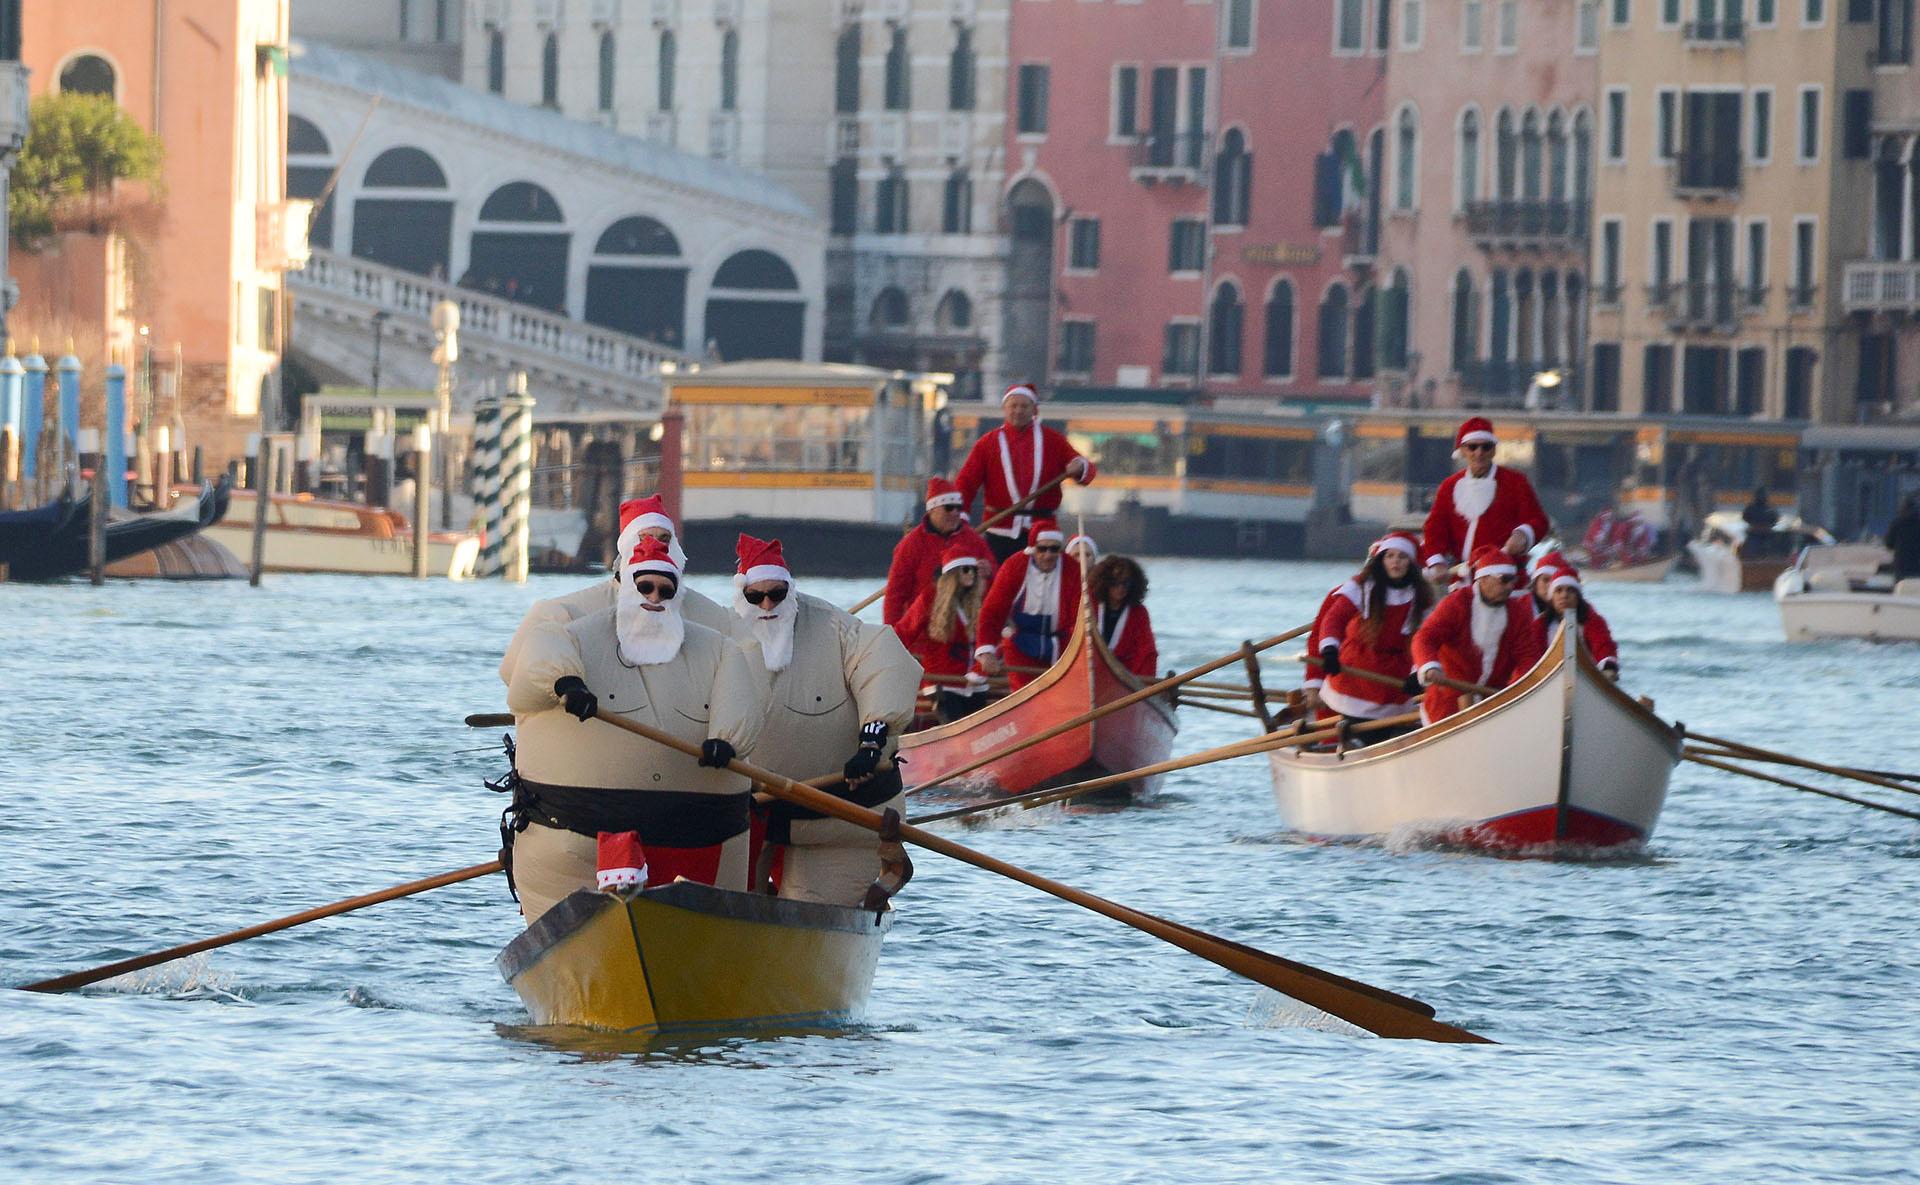 Gente vestida como Santa Claus rema durante una regata navideña en Venecia, Italia 17 de diciembre de 2017. (Reuters)